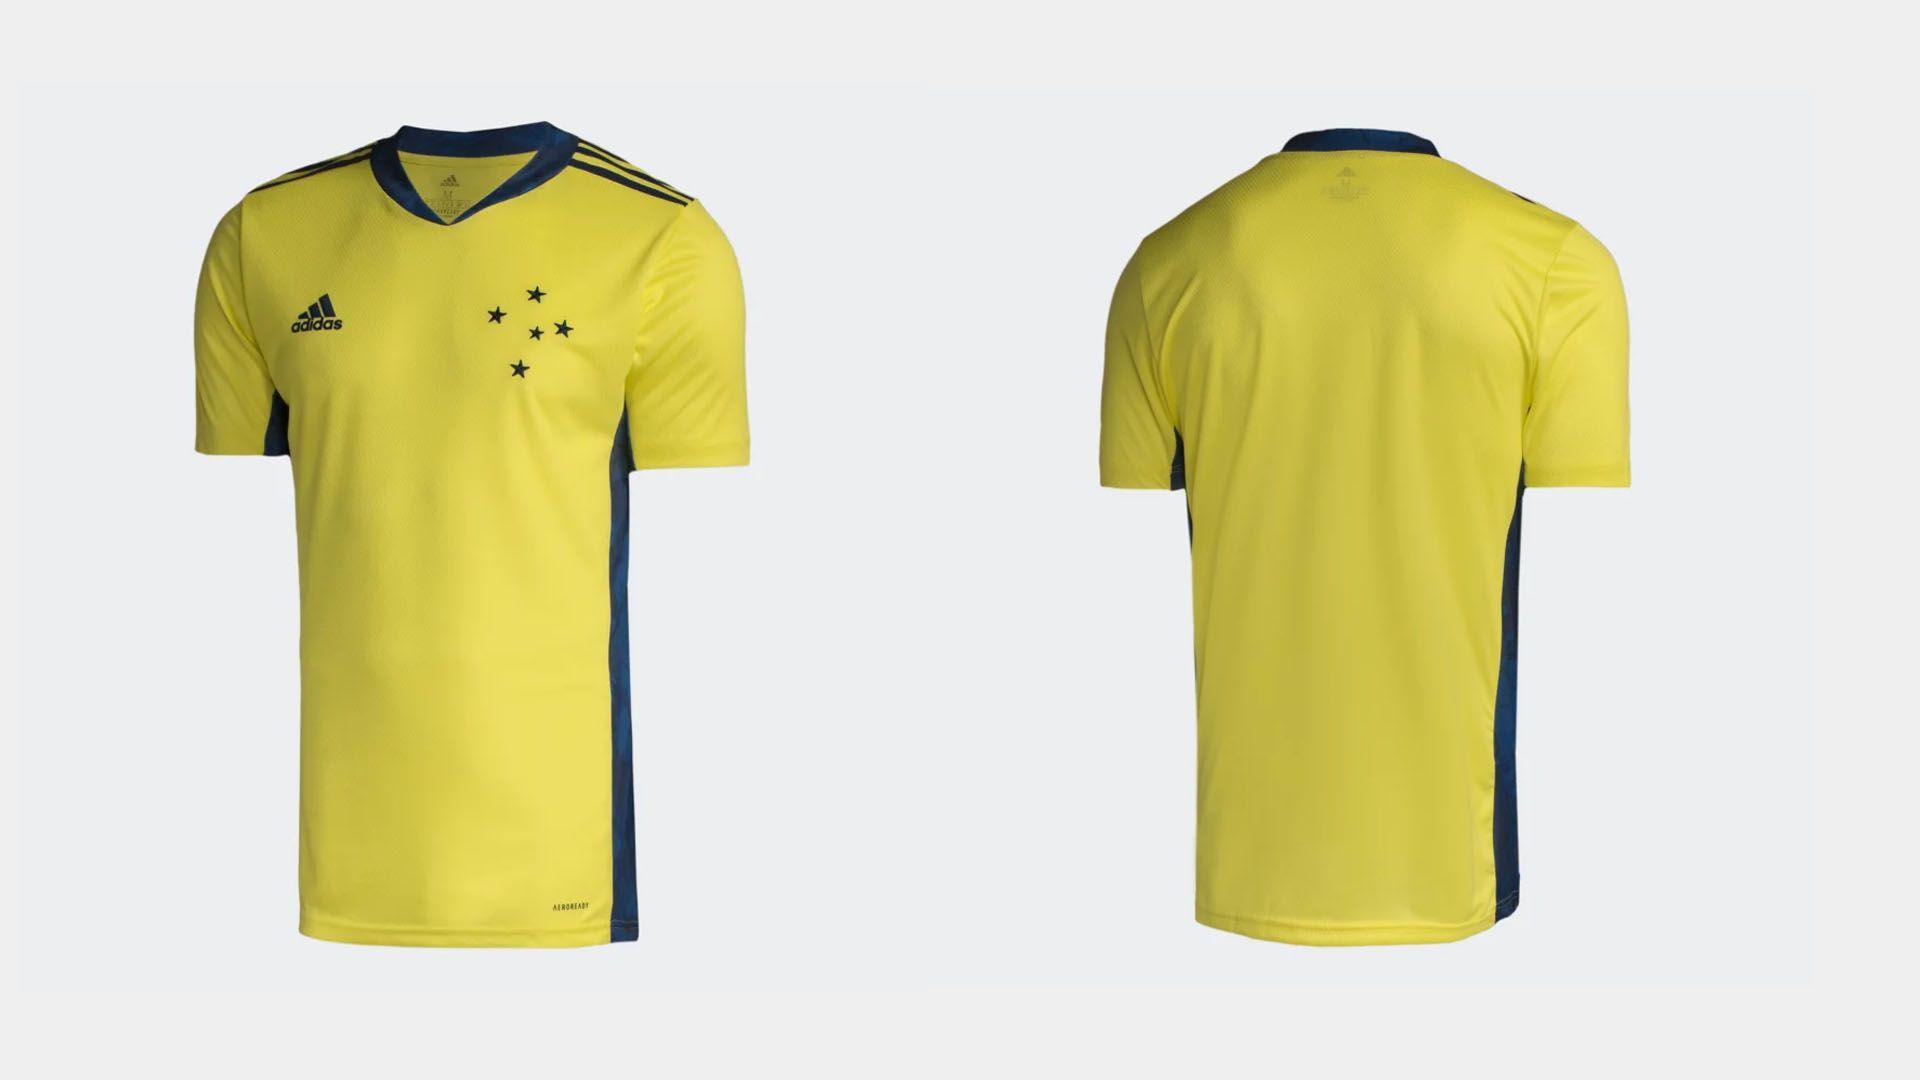 Camisa do Cruzeiro 2020 Adidas Goleiro 1 (Imagem: Divulgação/Adidas)